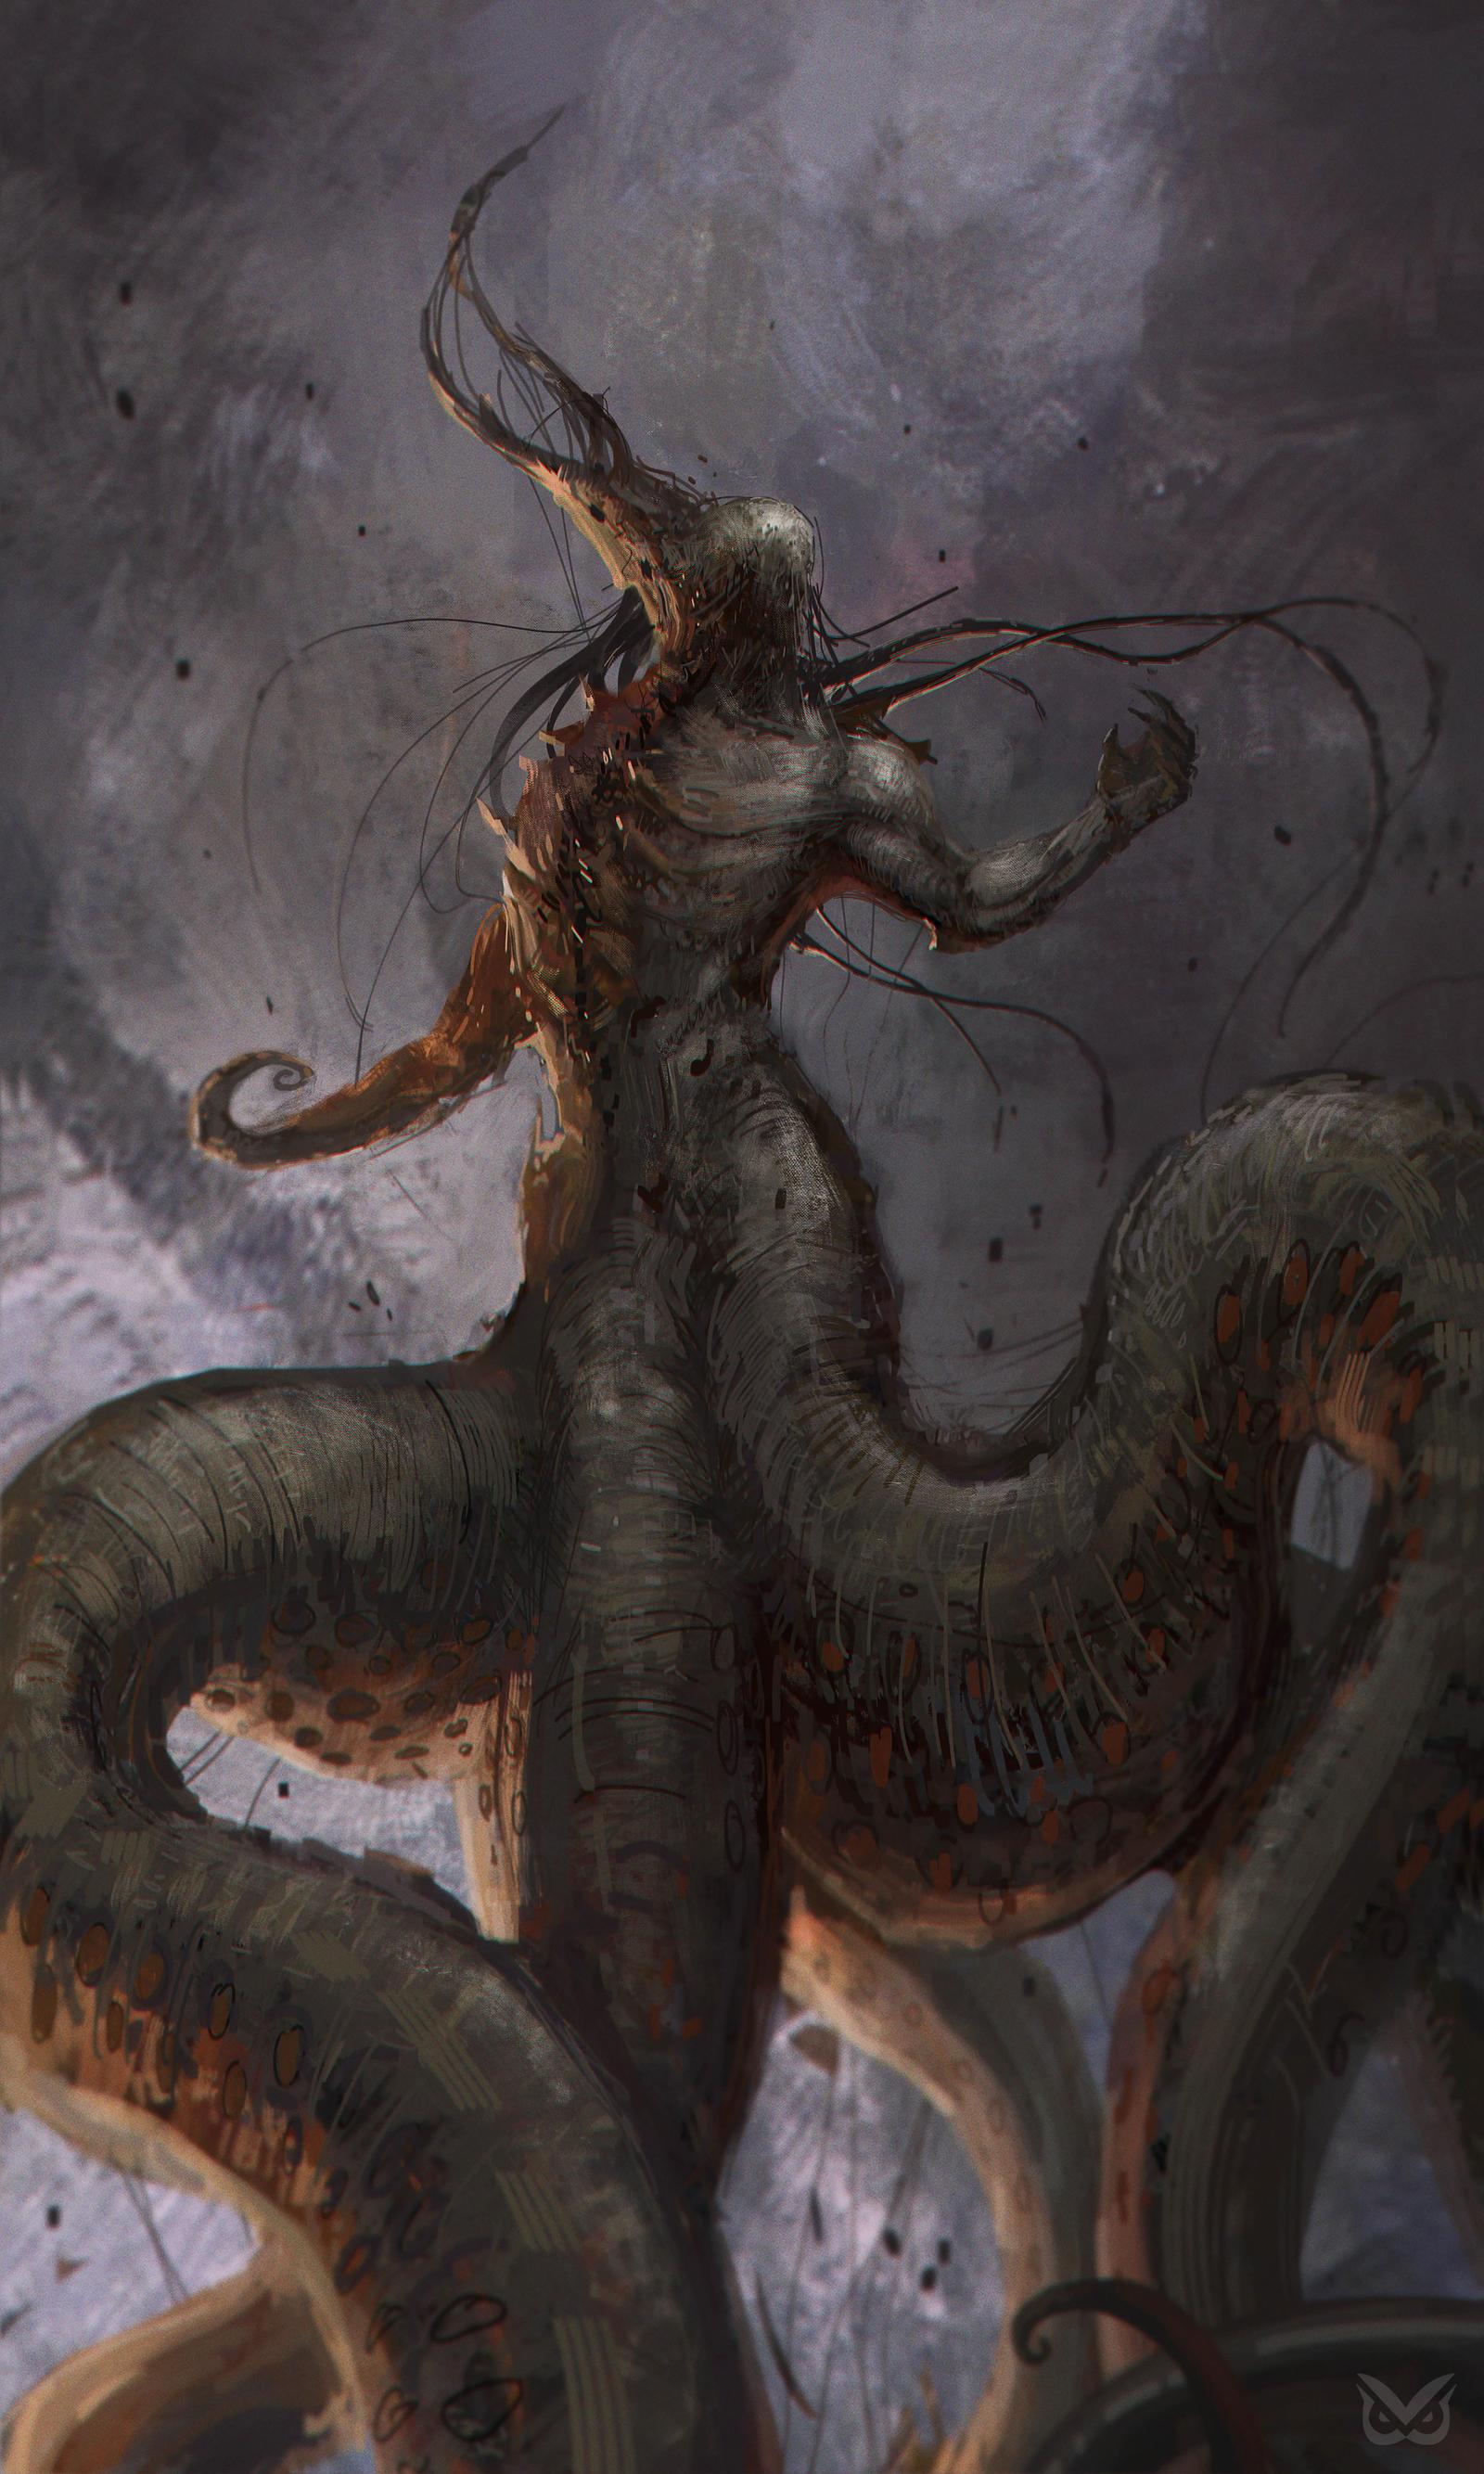 nyarlathotep by Darkcloud013